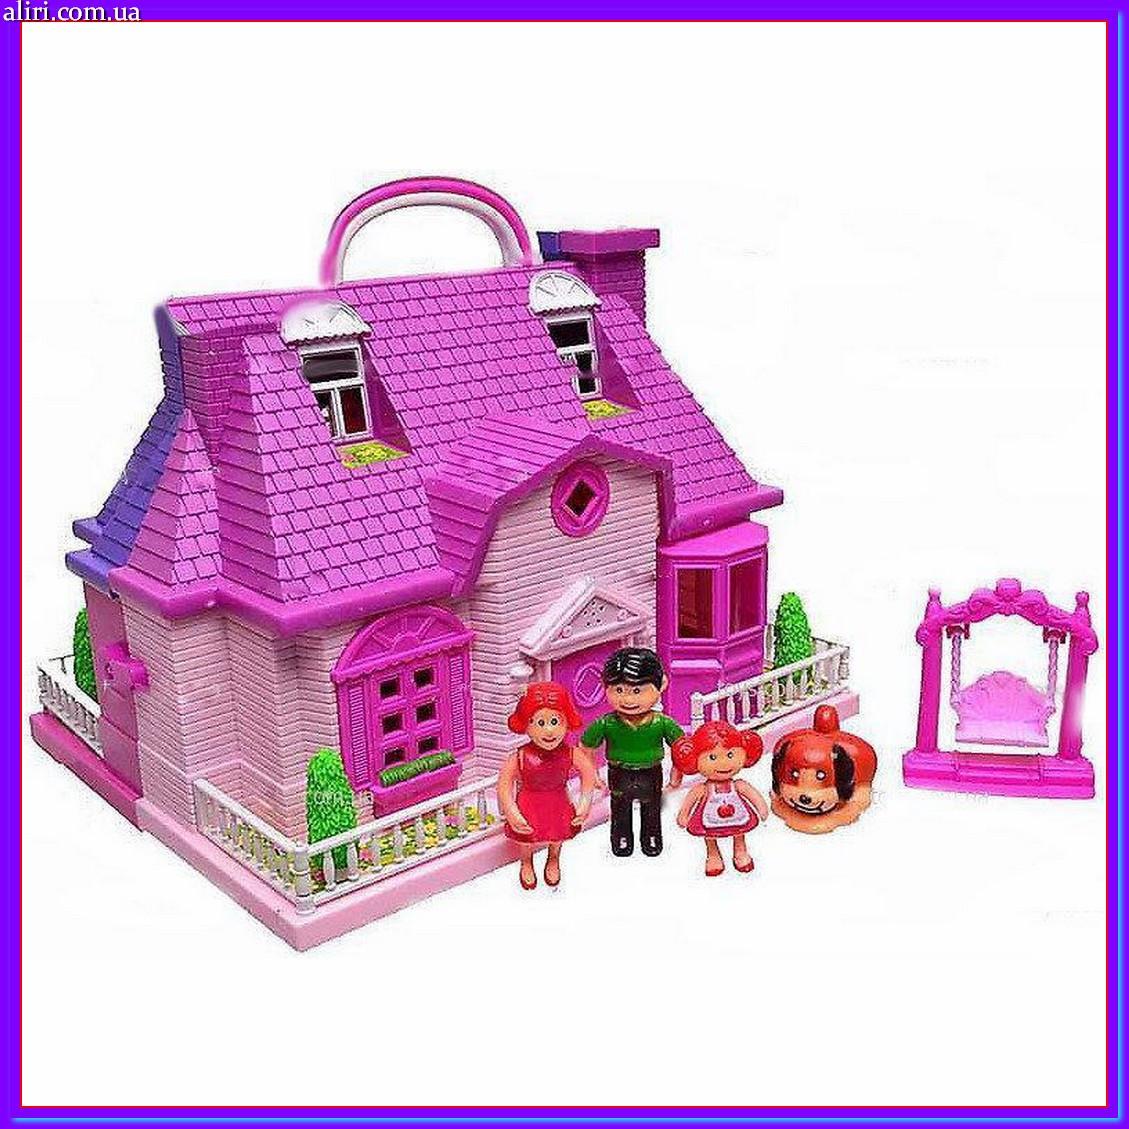 Кукольный домик с мебелью, 4 куклами, собачкой со светом и звуком 8039